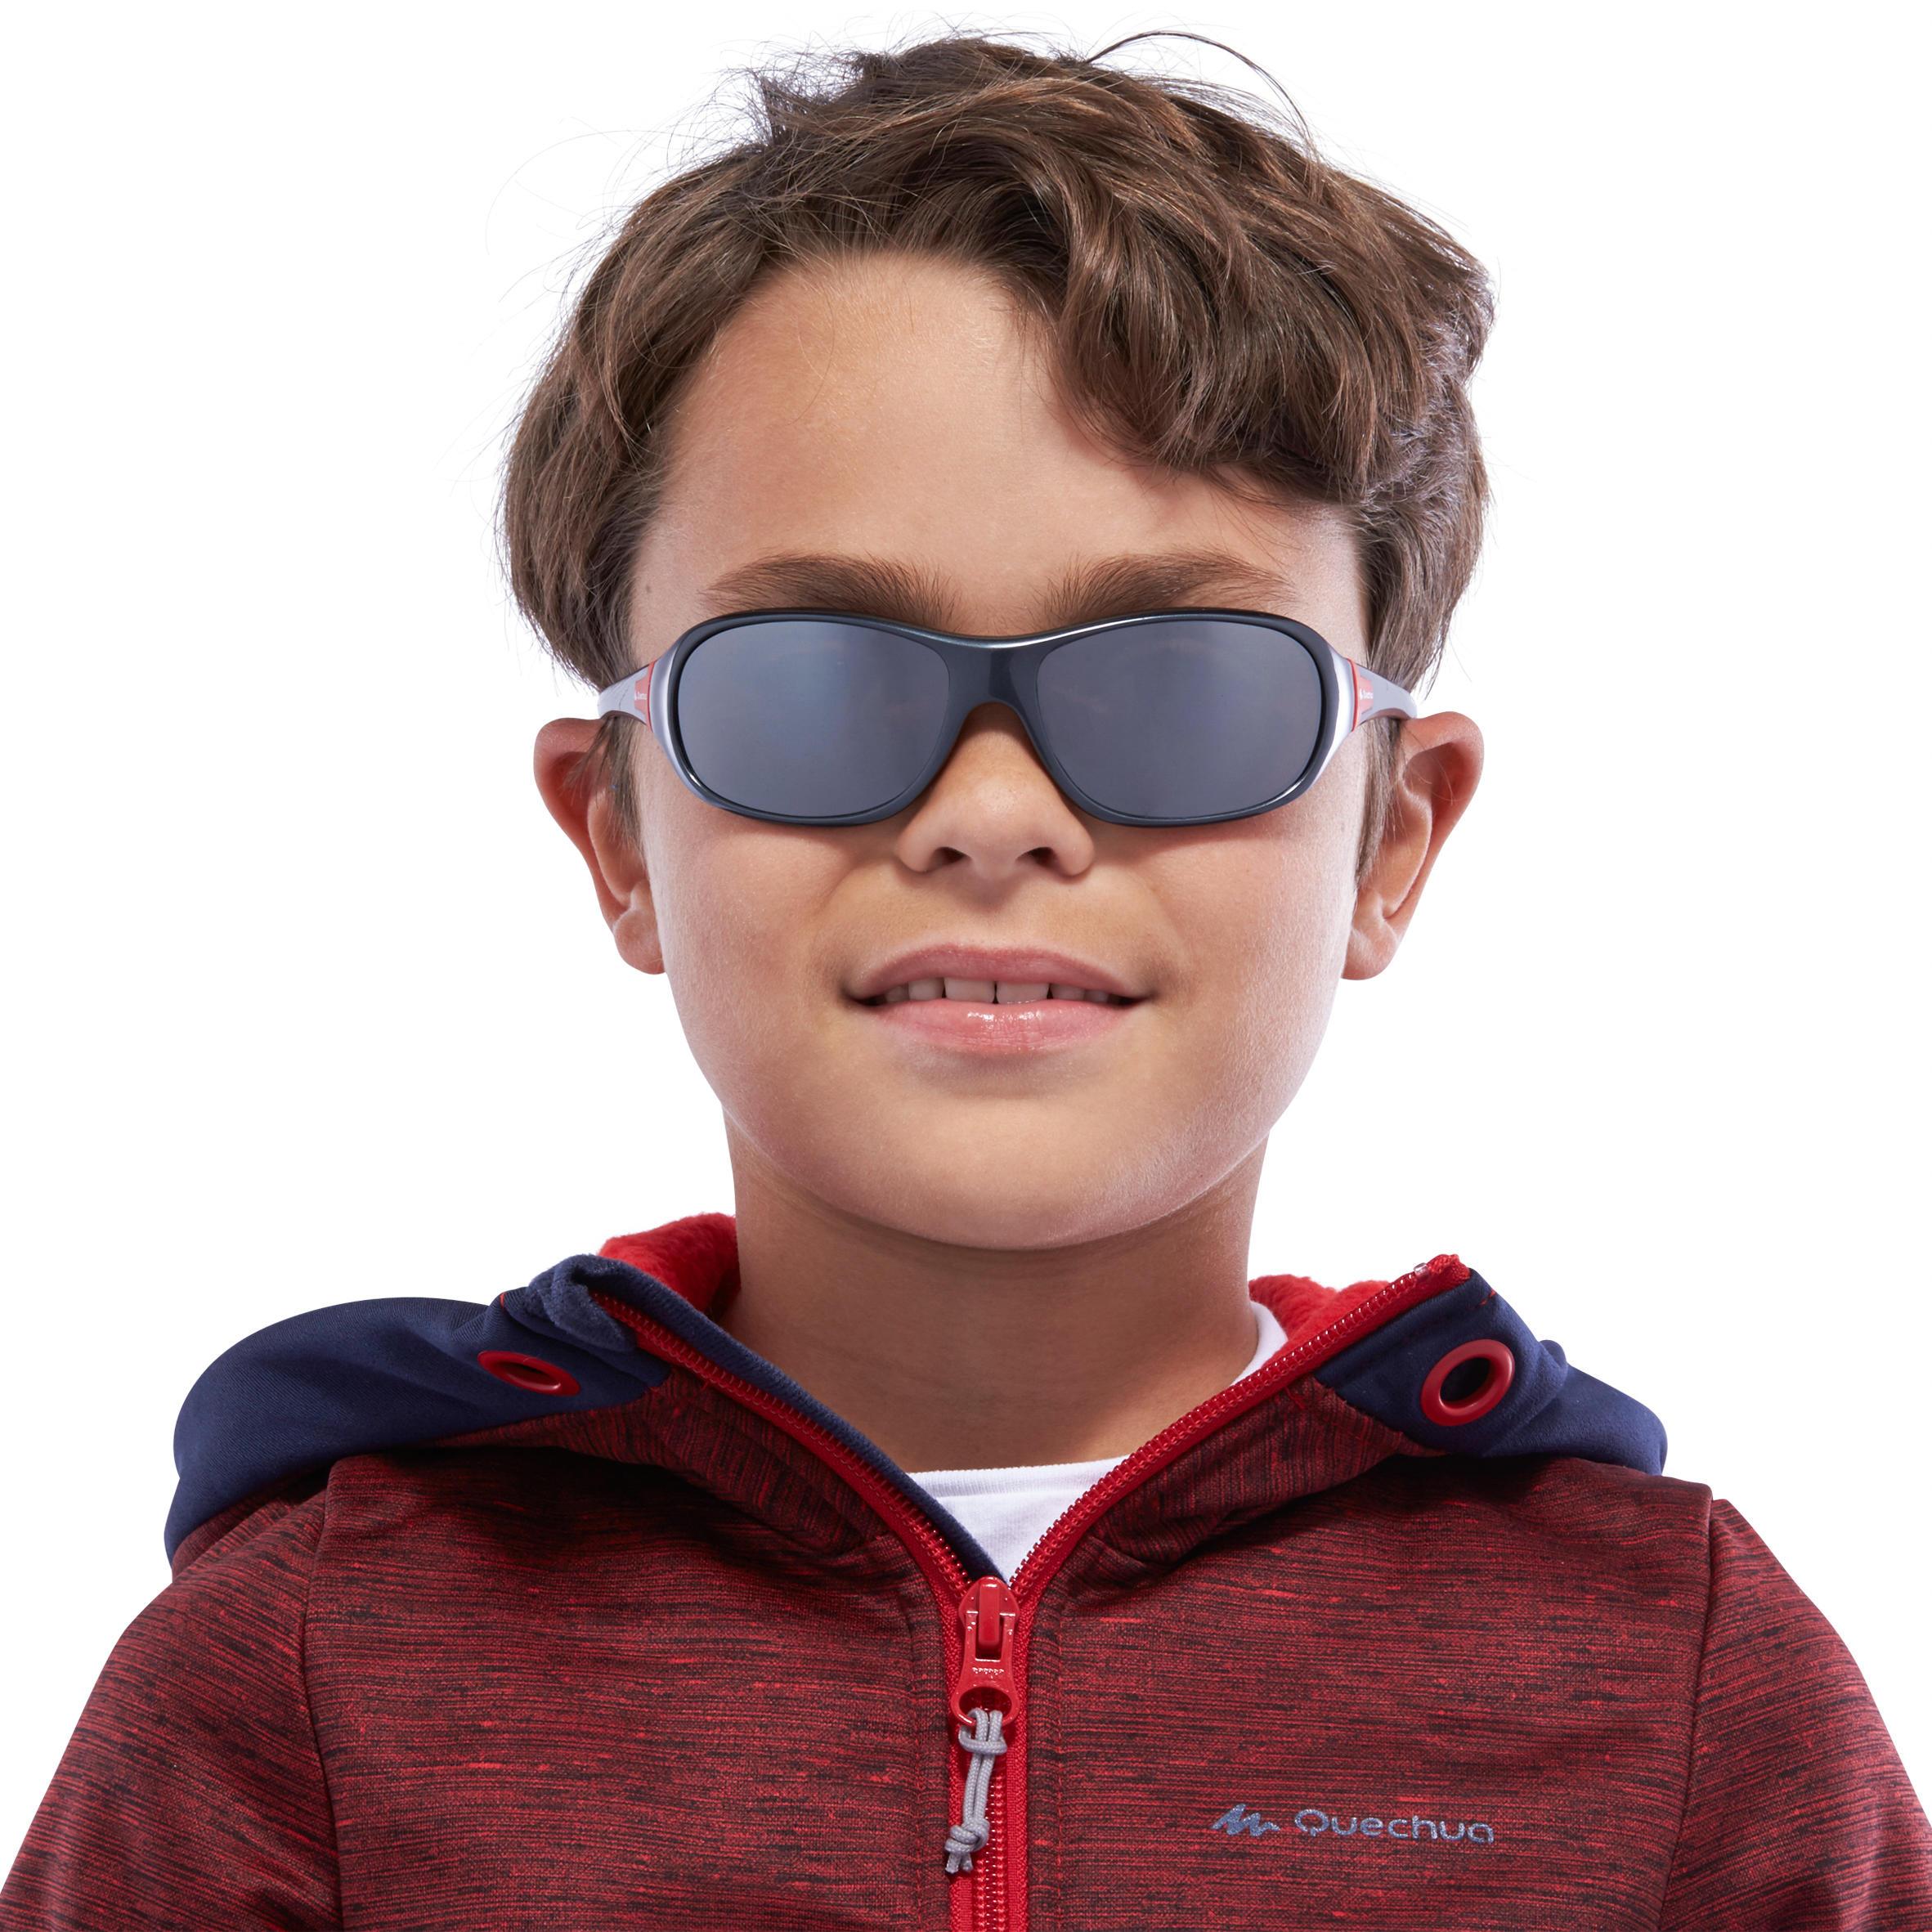 Lunettes de soleil randonnée enfant 7-10 ans MH T 500 grises catégorie 4